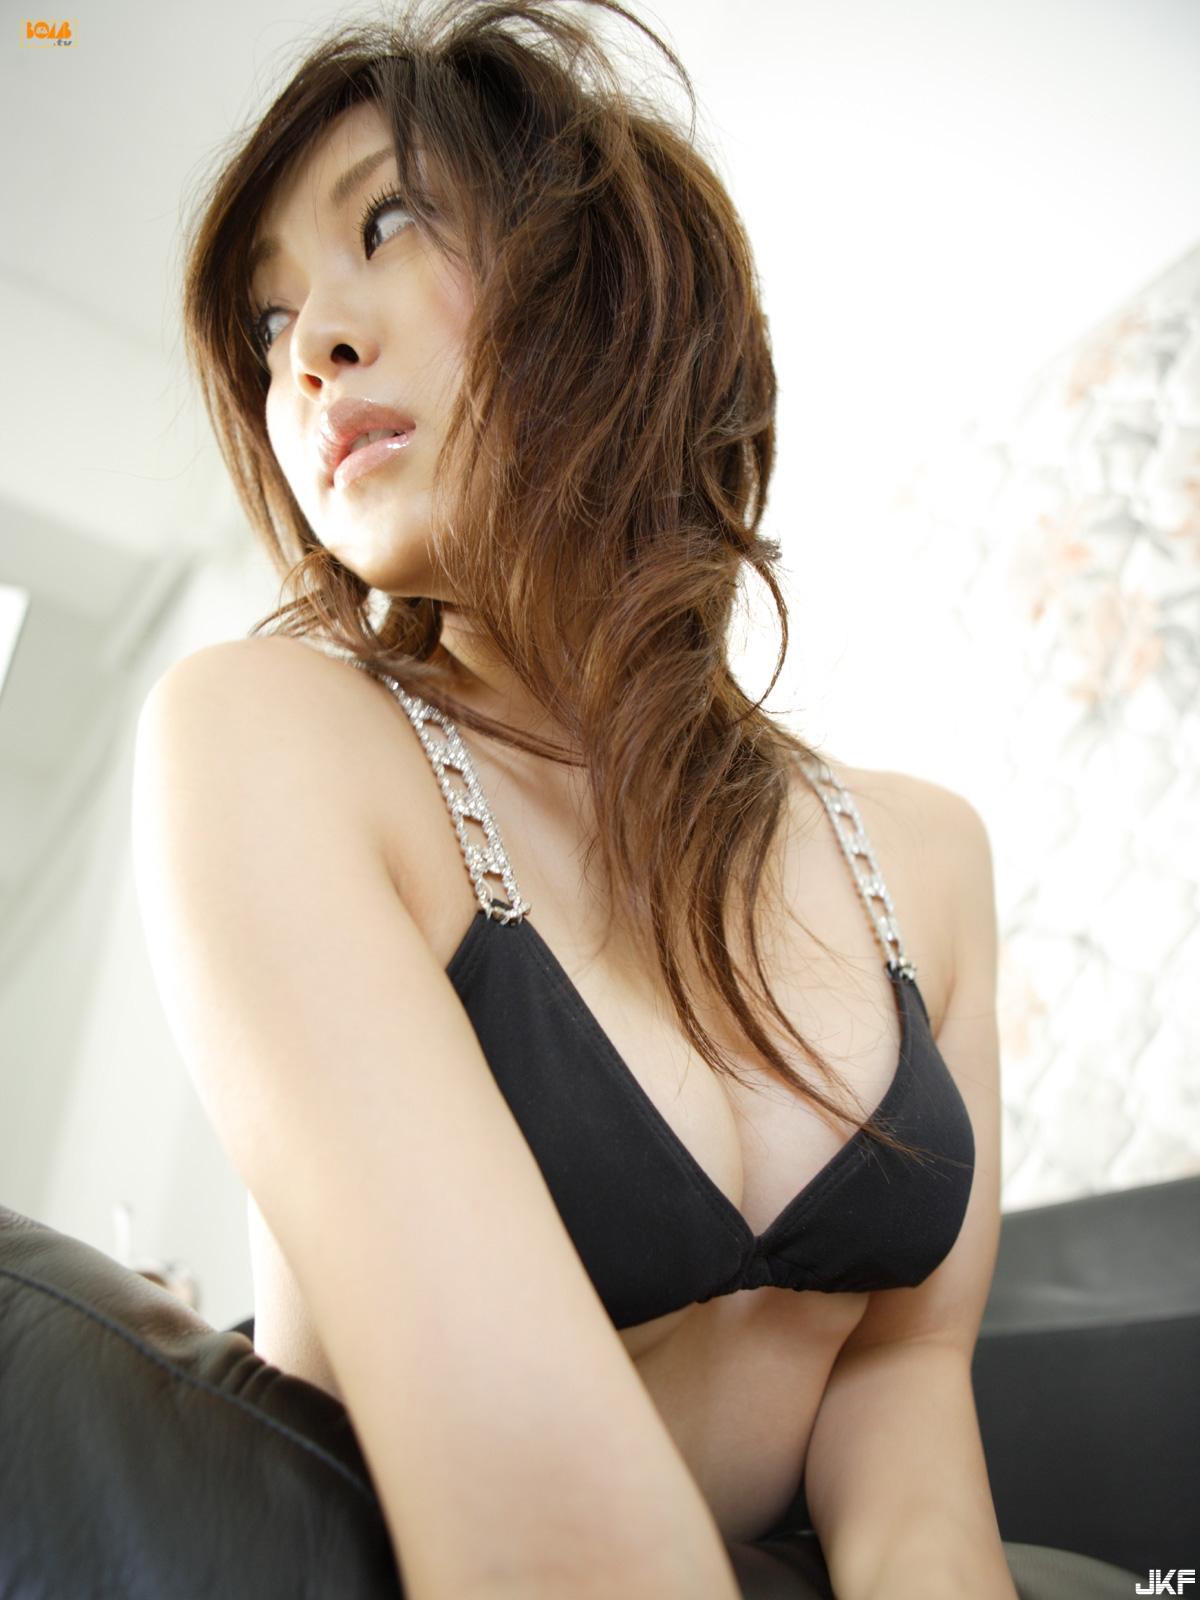 tatsumi-natsuko-589098.jpg